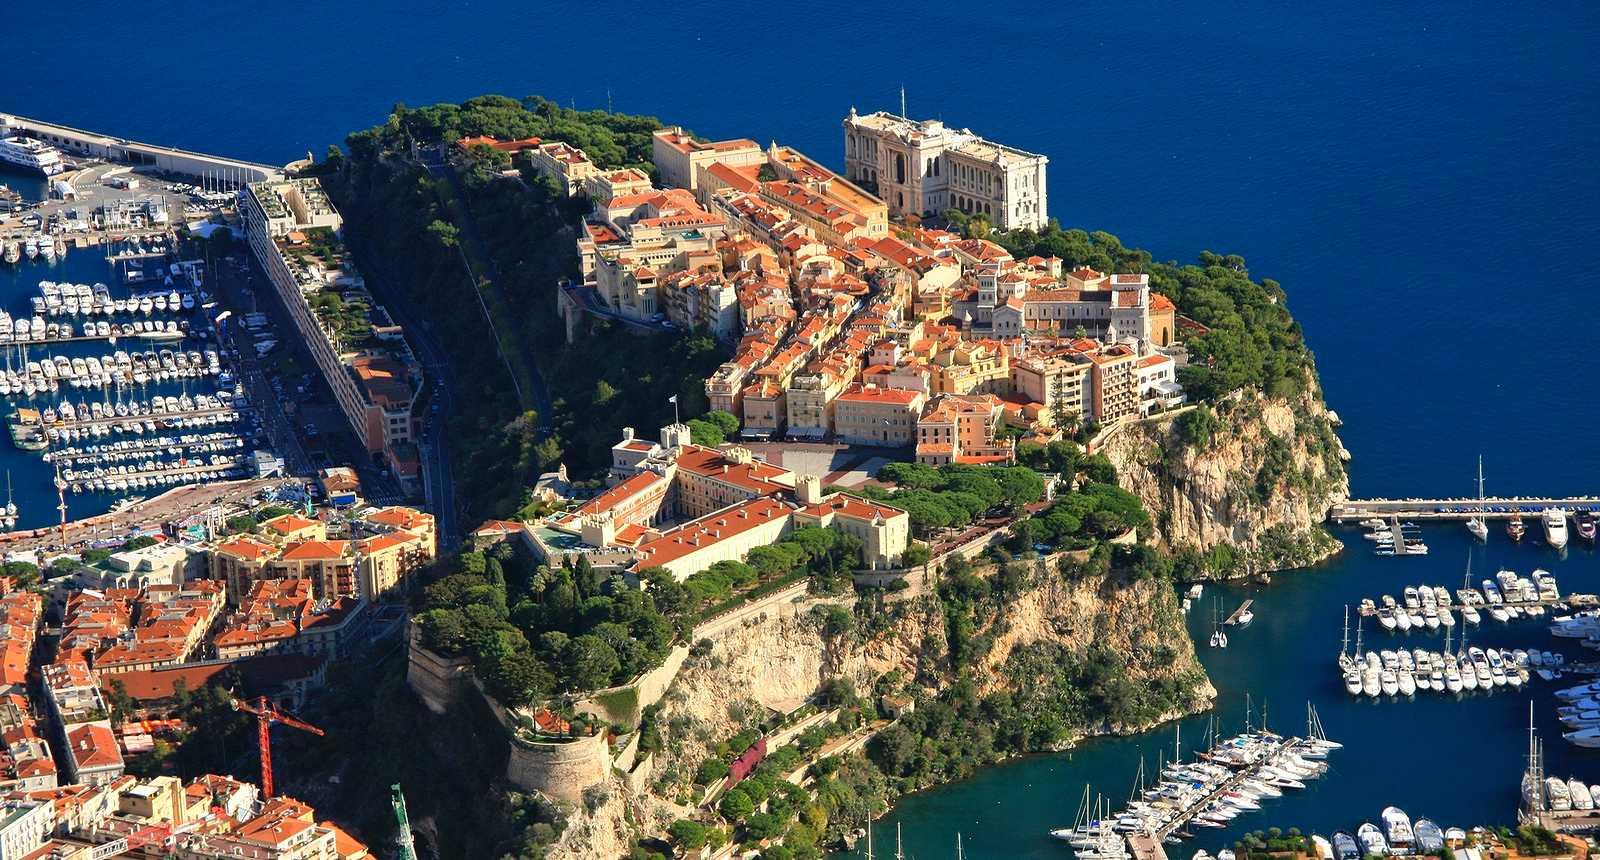 Le Rocher de Monaco et le Palais Princier